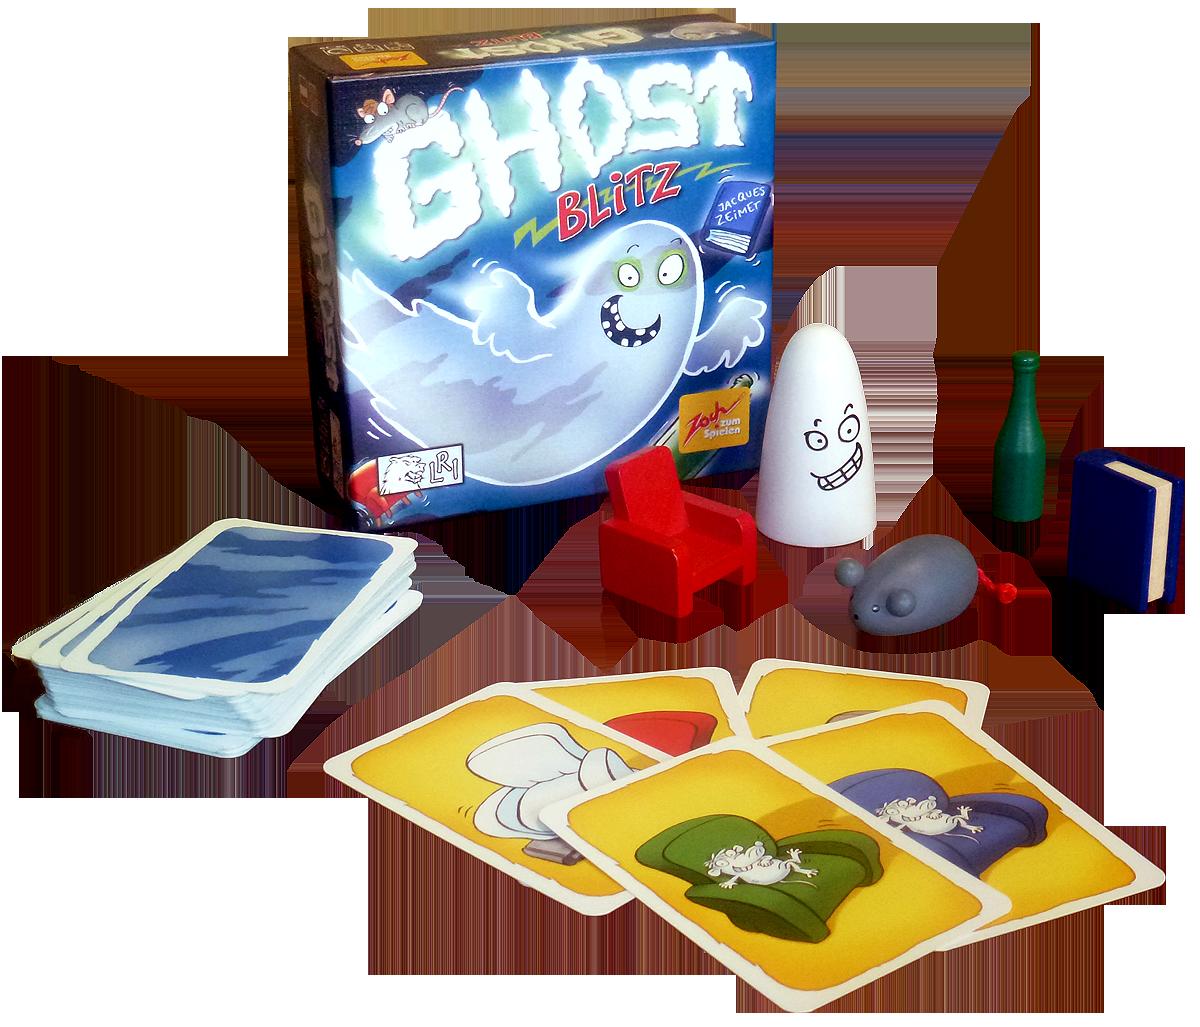 Jeu pour enfant et jeu d'ambiance Ghost Blitz